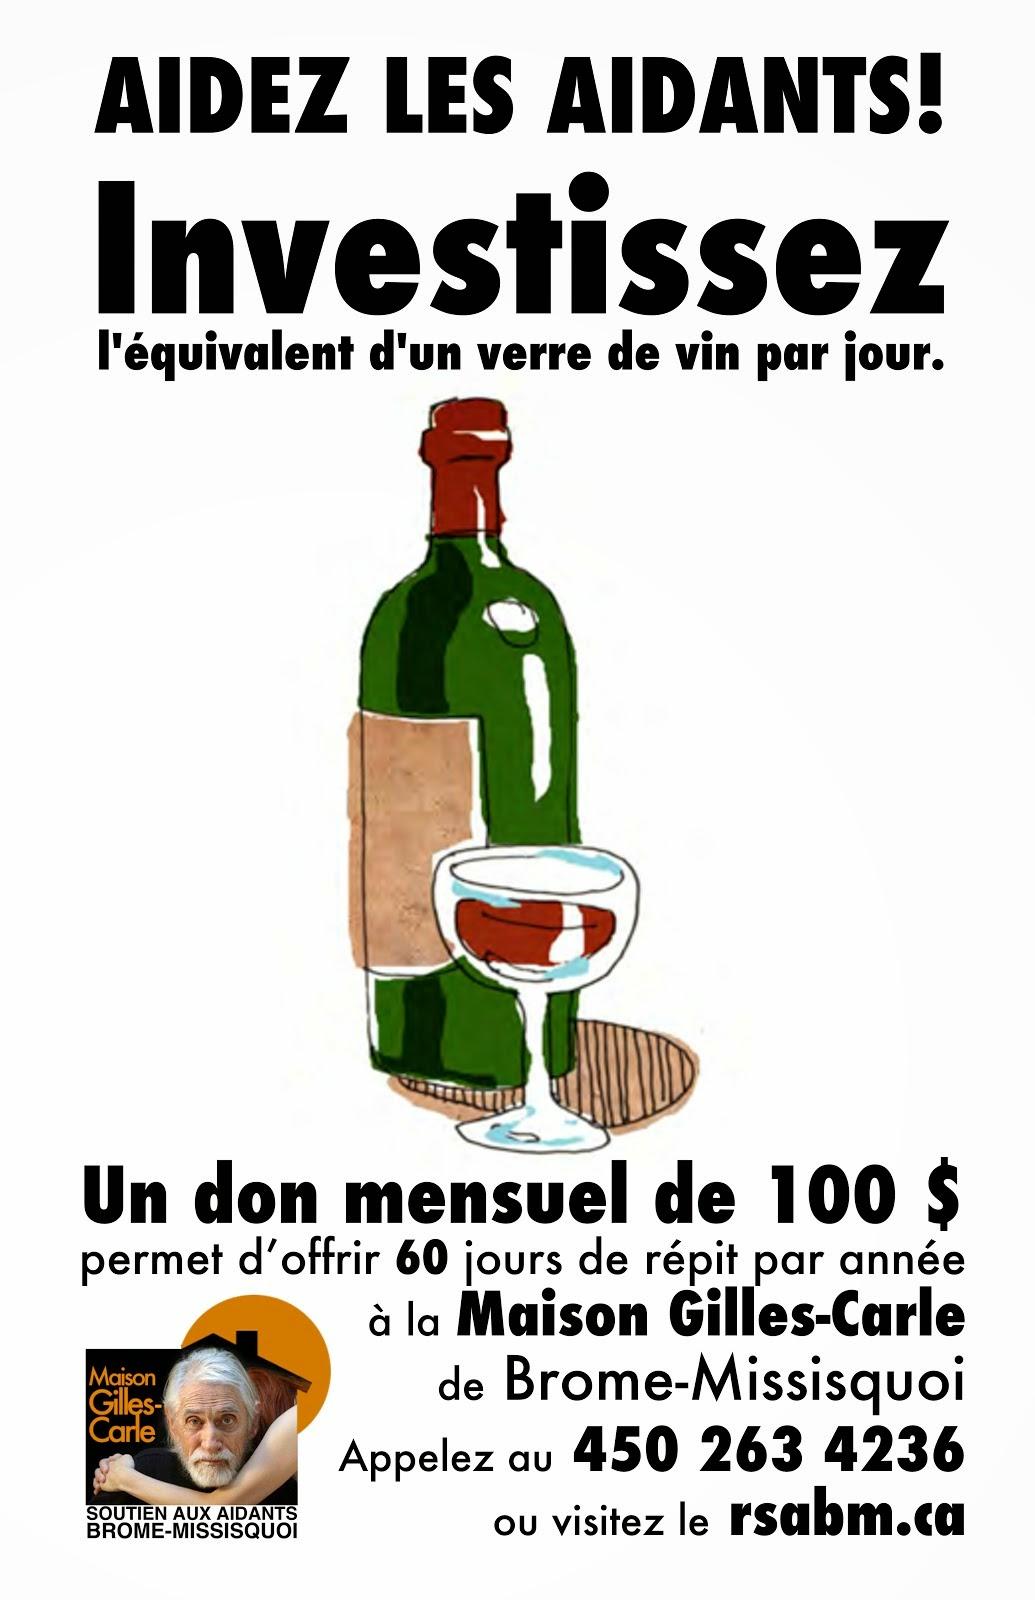 Investissez l&#39;équivalent <br>d&#39;un verre de vin par jour